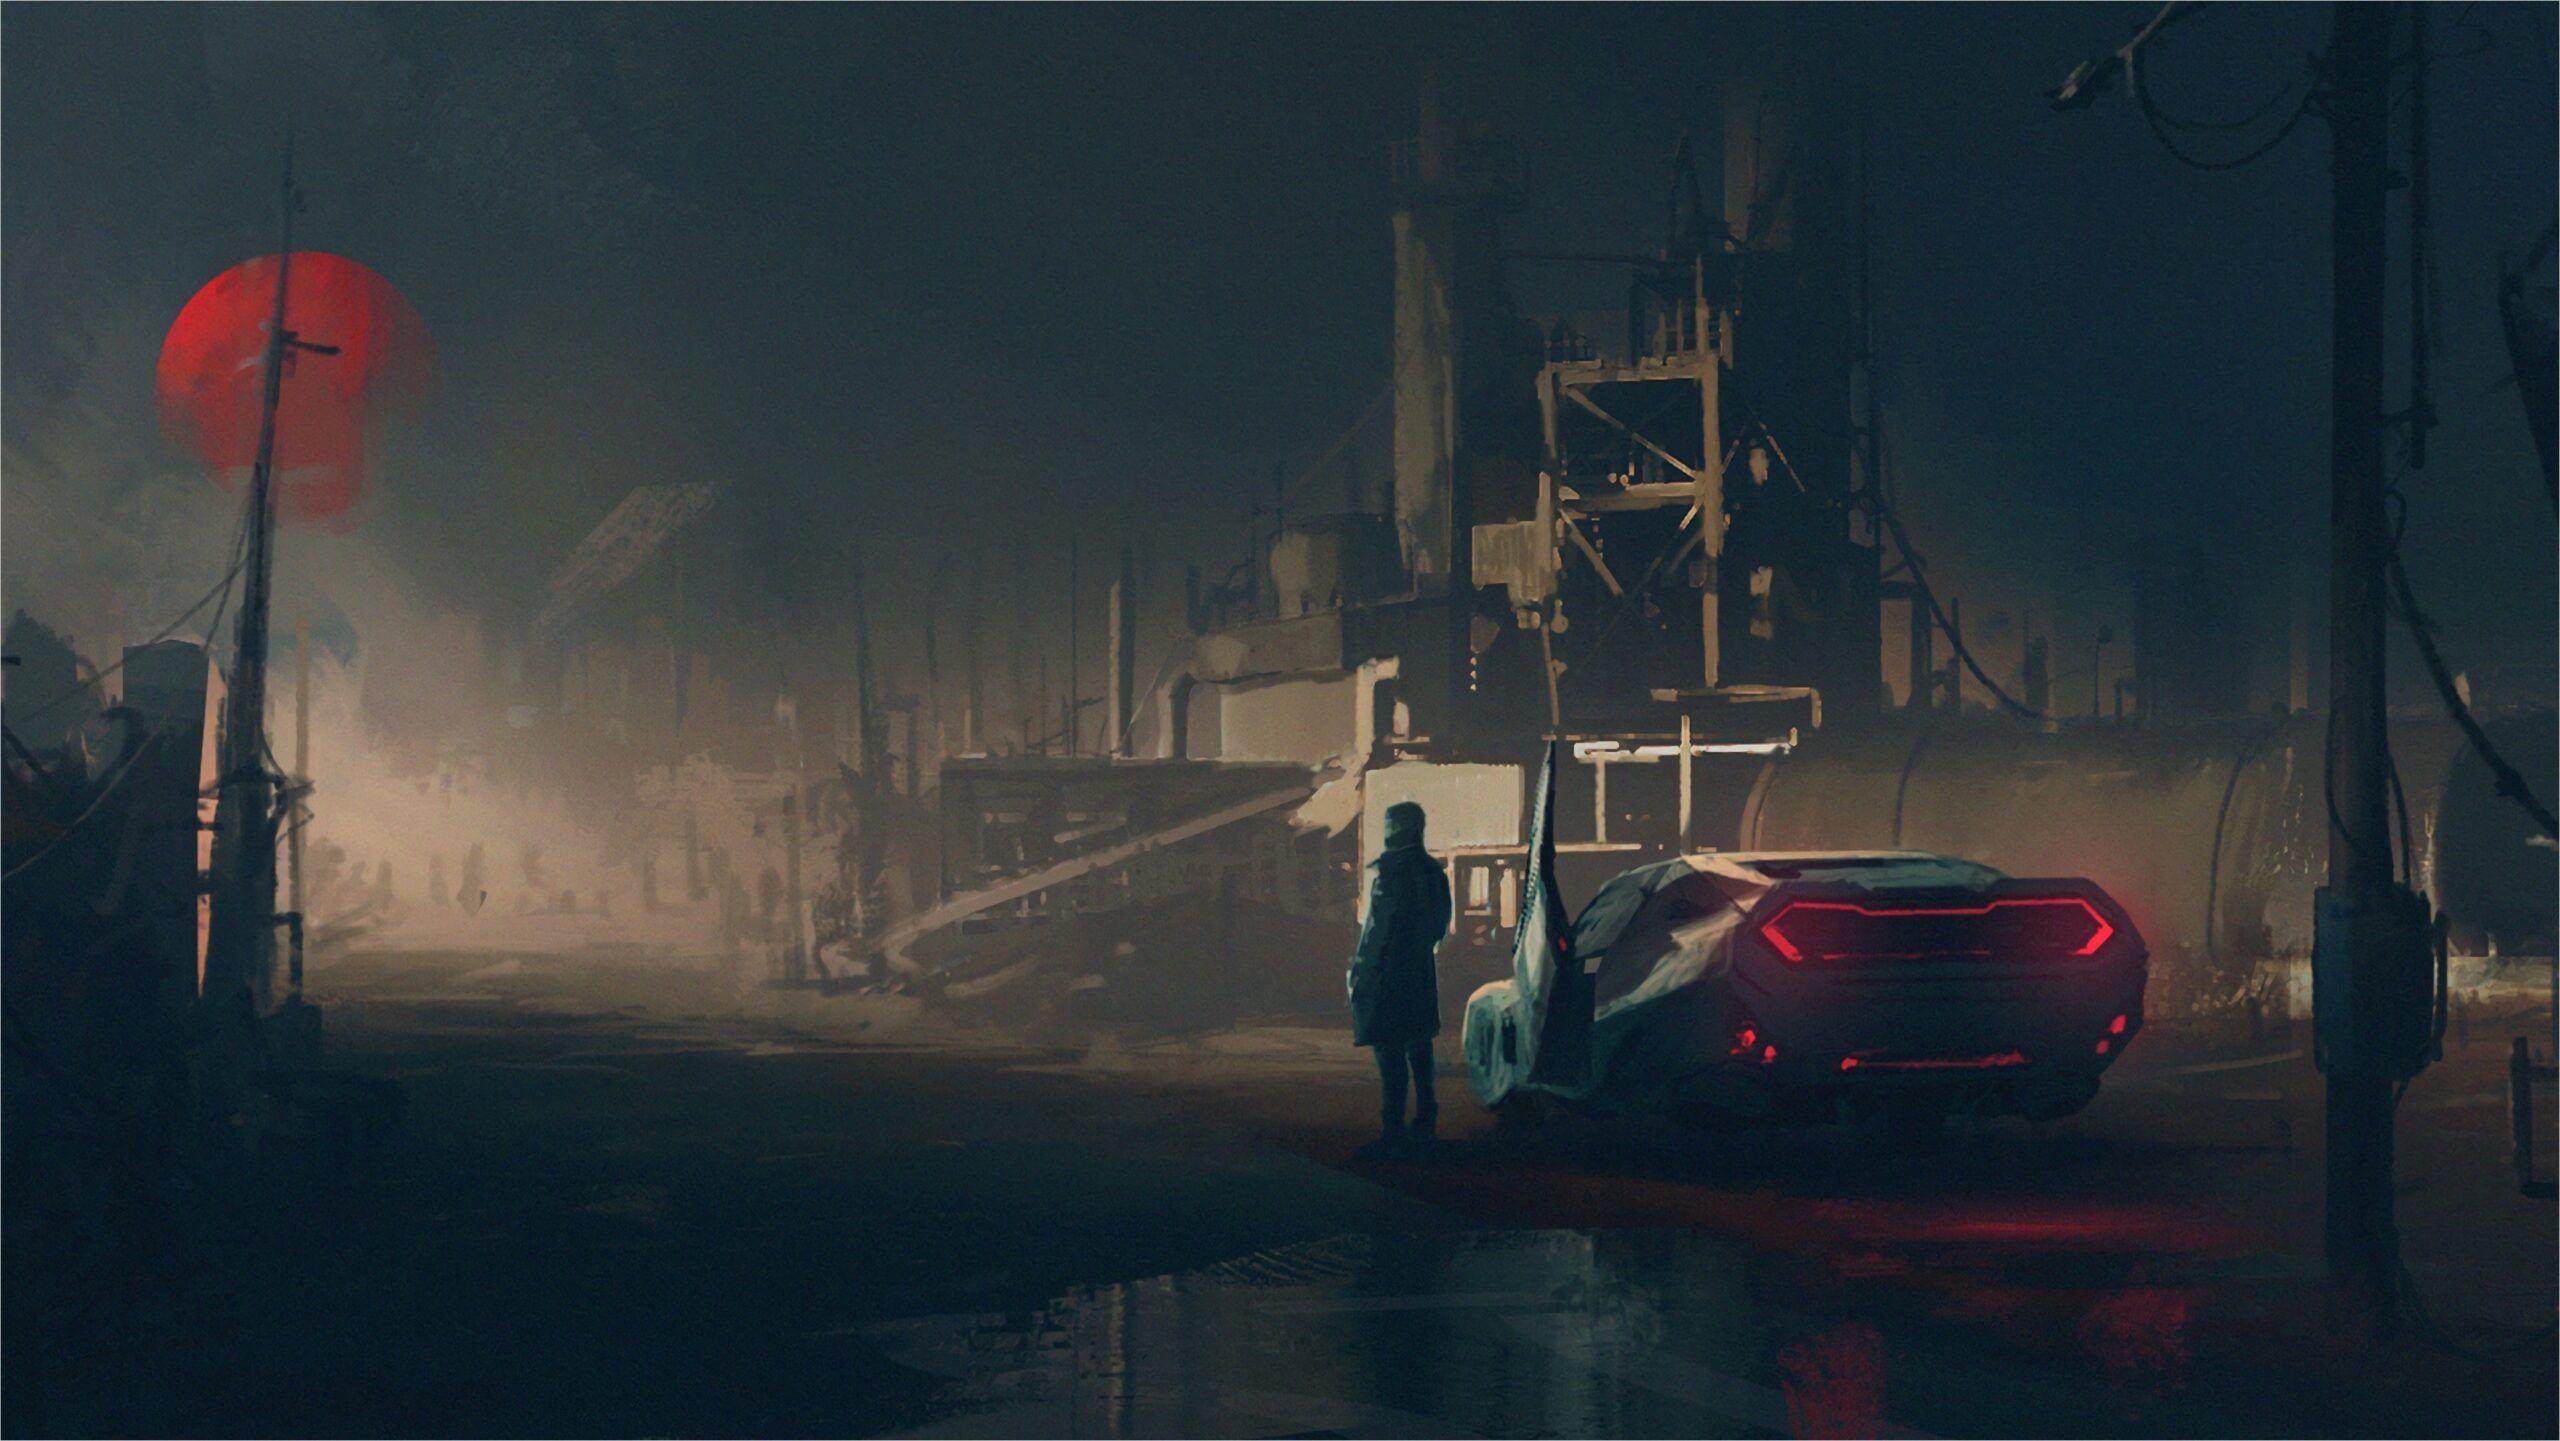 4k Blade Runner 2049 Wallpaper In 2020 Blade Runner Wallpaper Sci Fi Concept Art Blade Runner